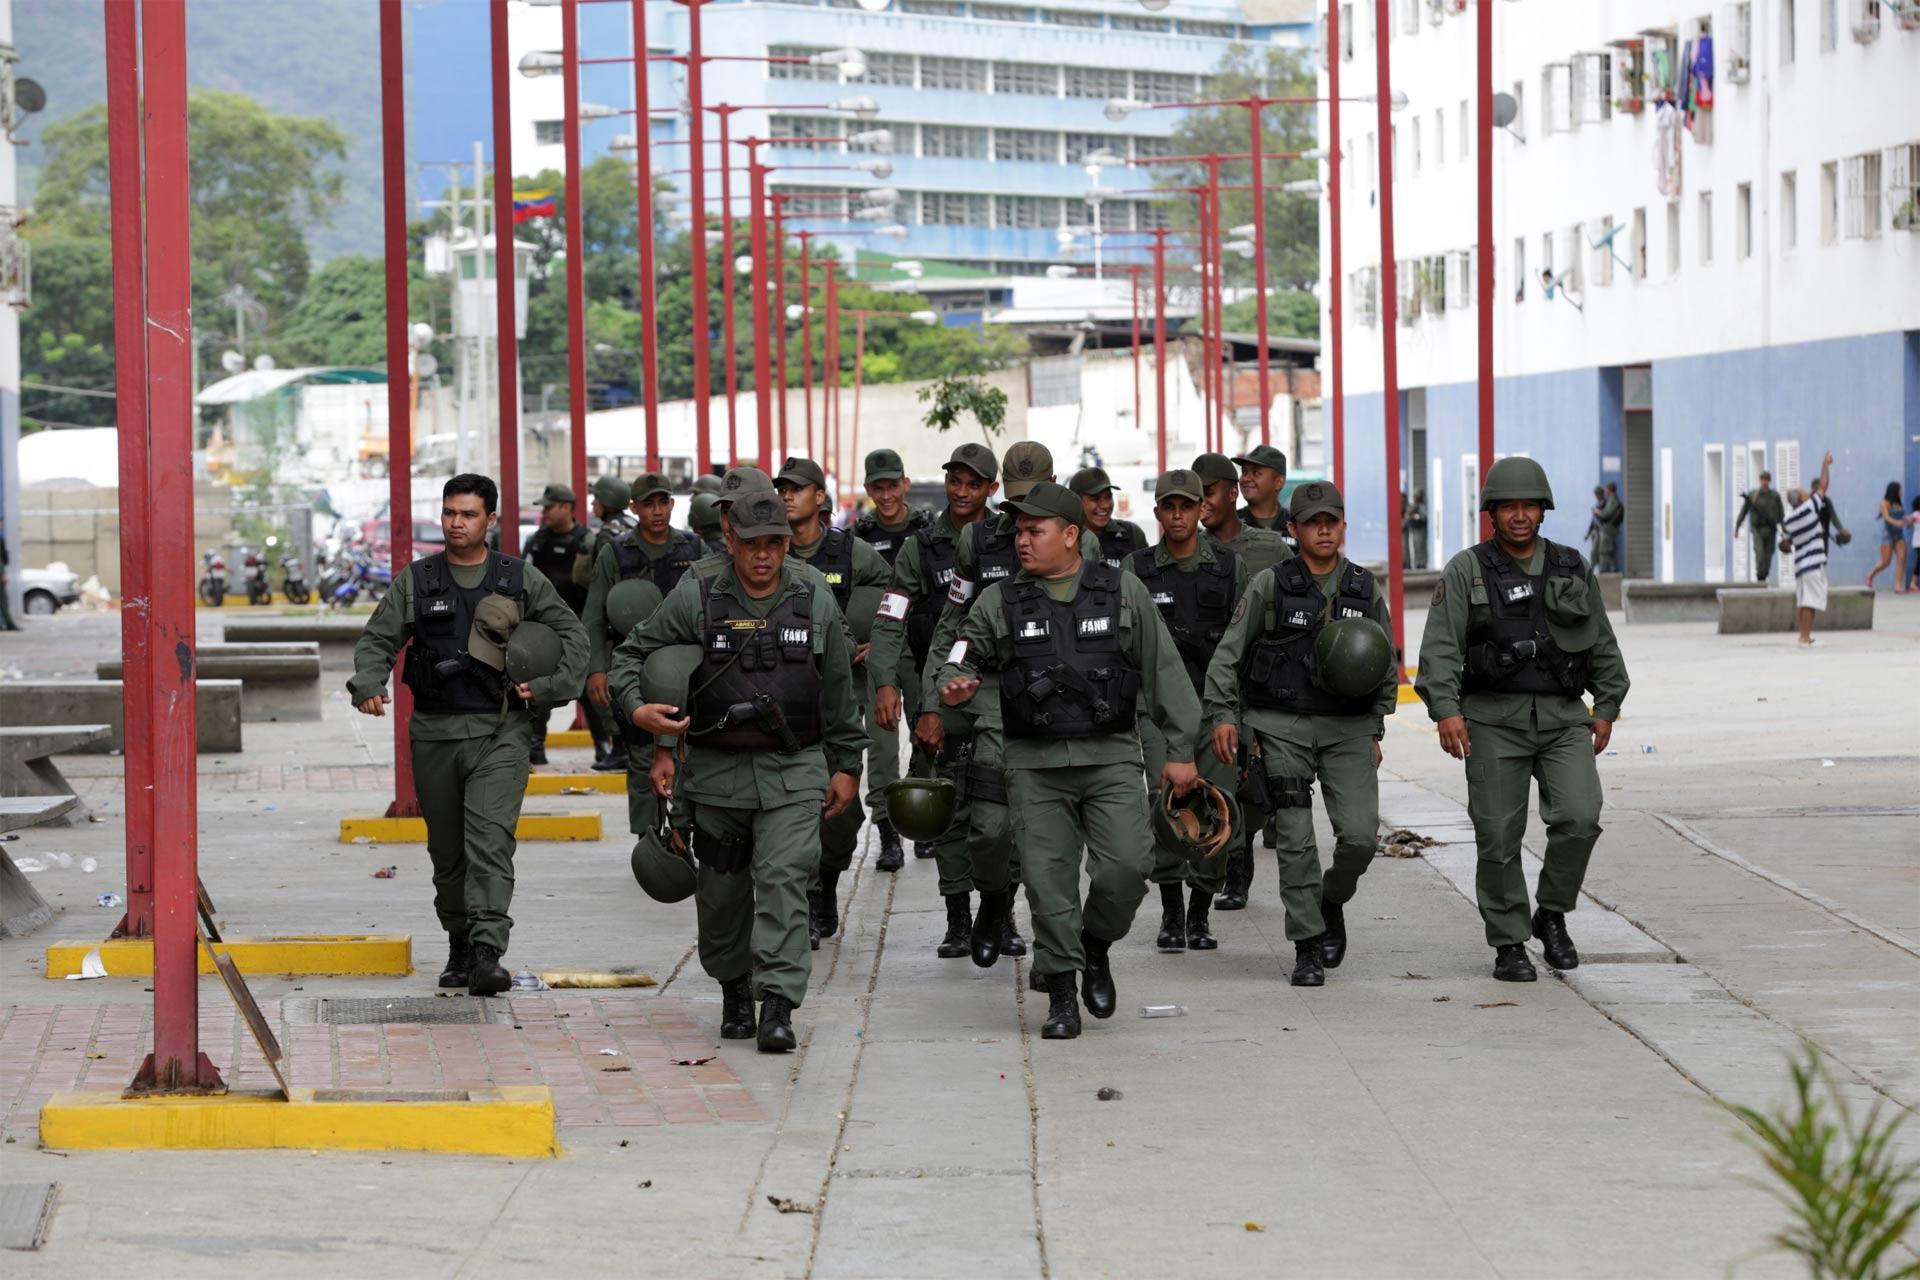 Se han incautado 1.5 kg. de droga, recuperado vehículos y detenido a varias personas